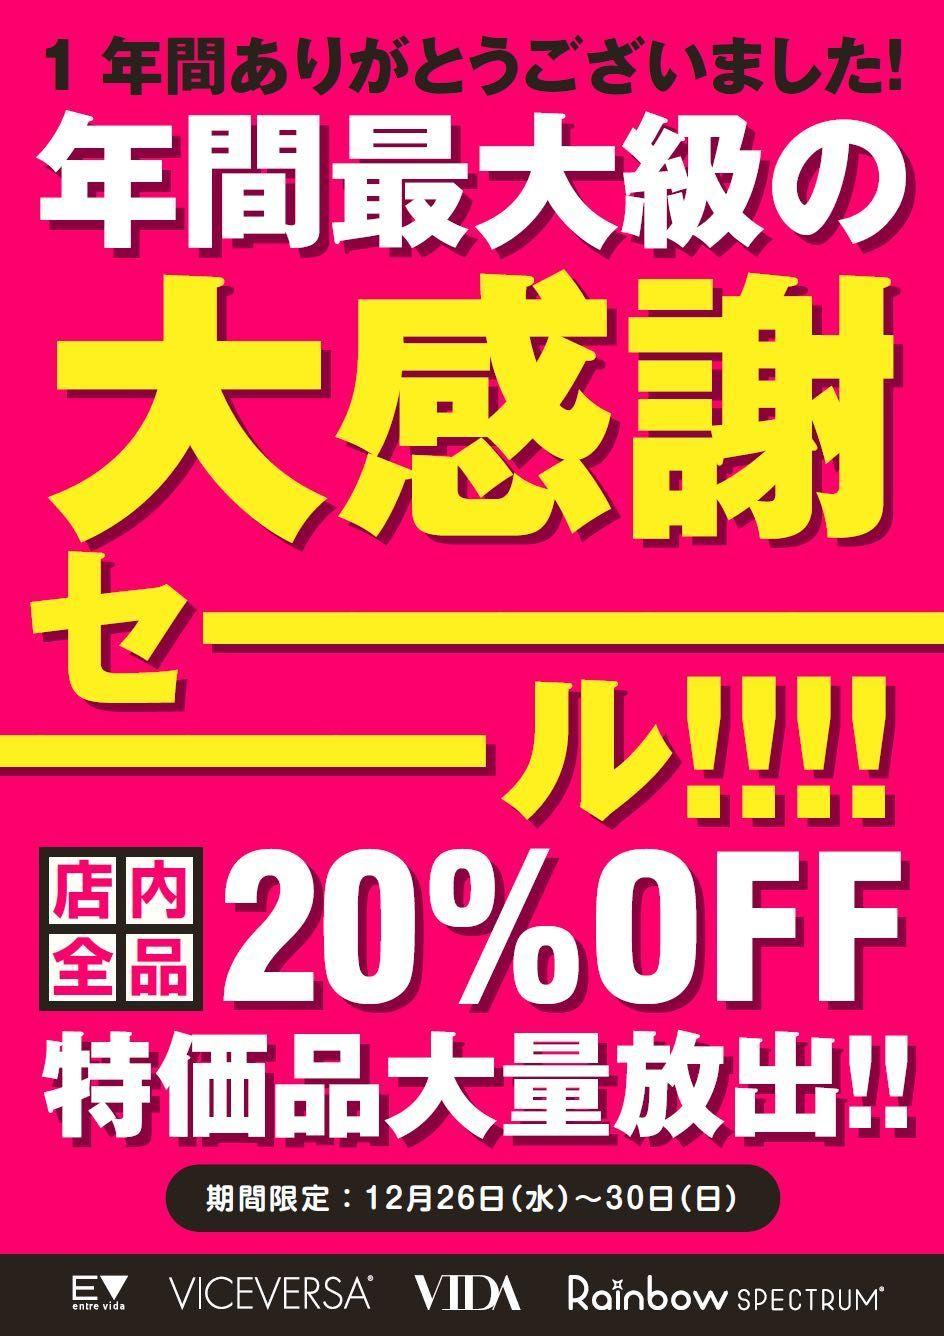 「【大感謝セール】20%OFF【特価商品】」の写真